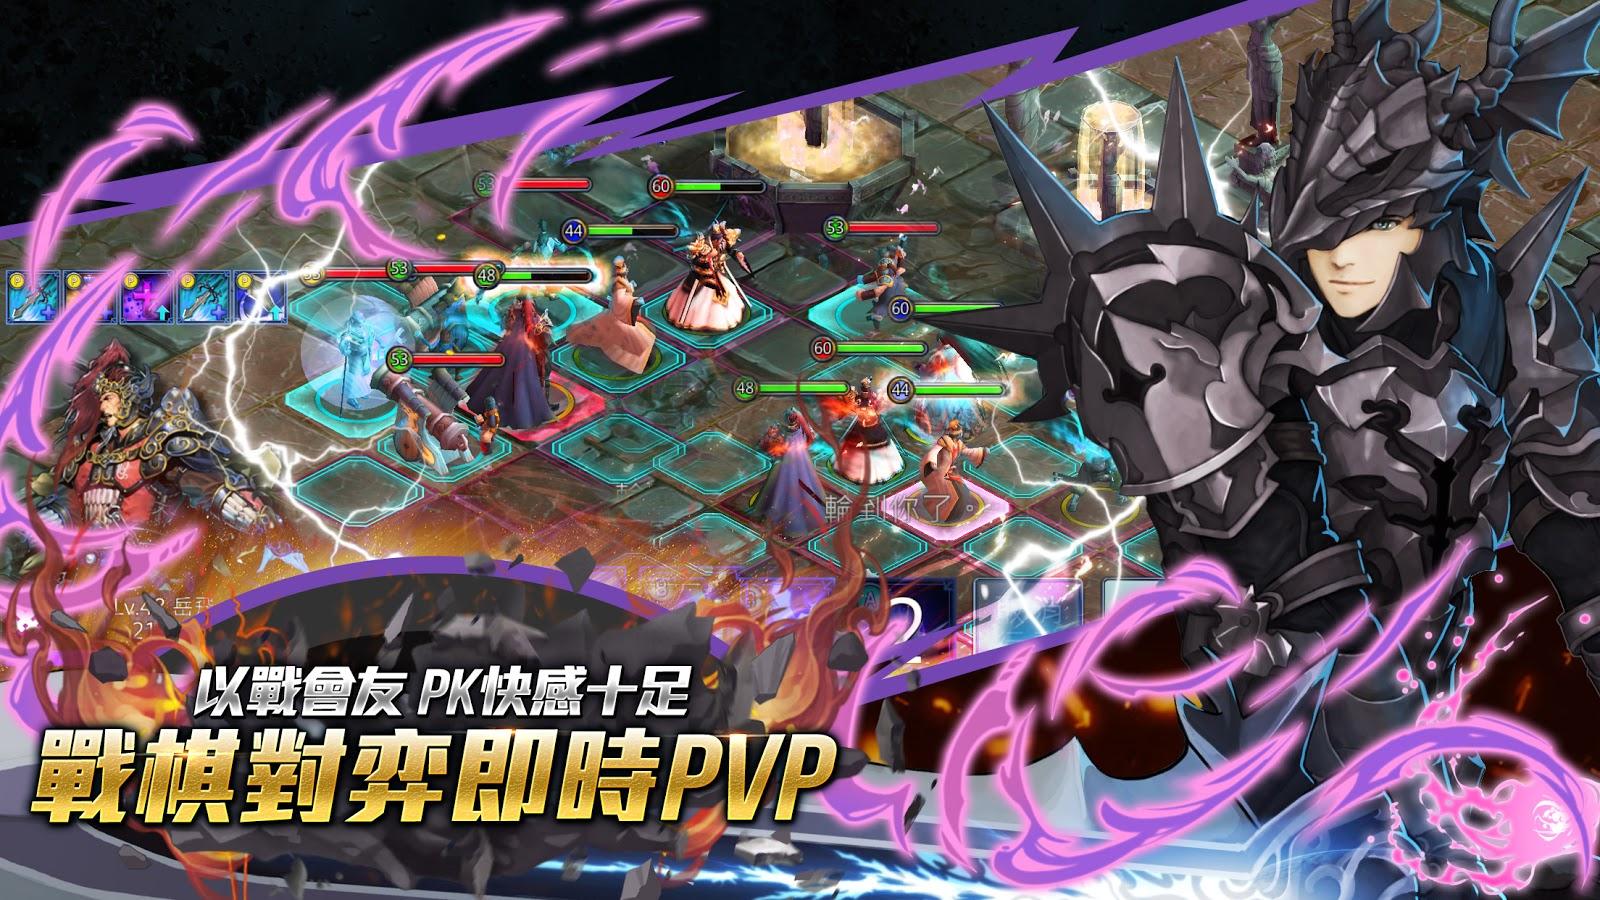 05_2208X1242_iPhone6-PLUS遊戲預覽圖(橫式).jpg